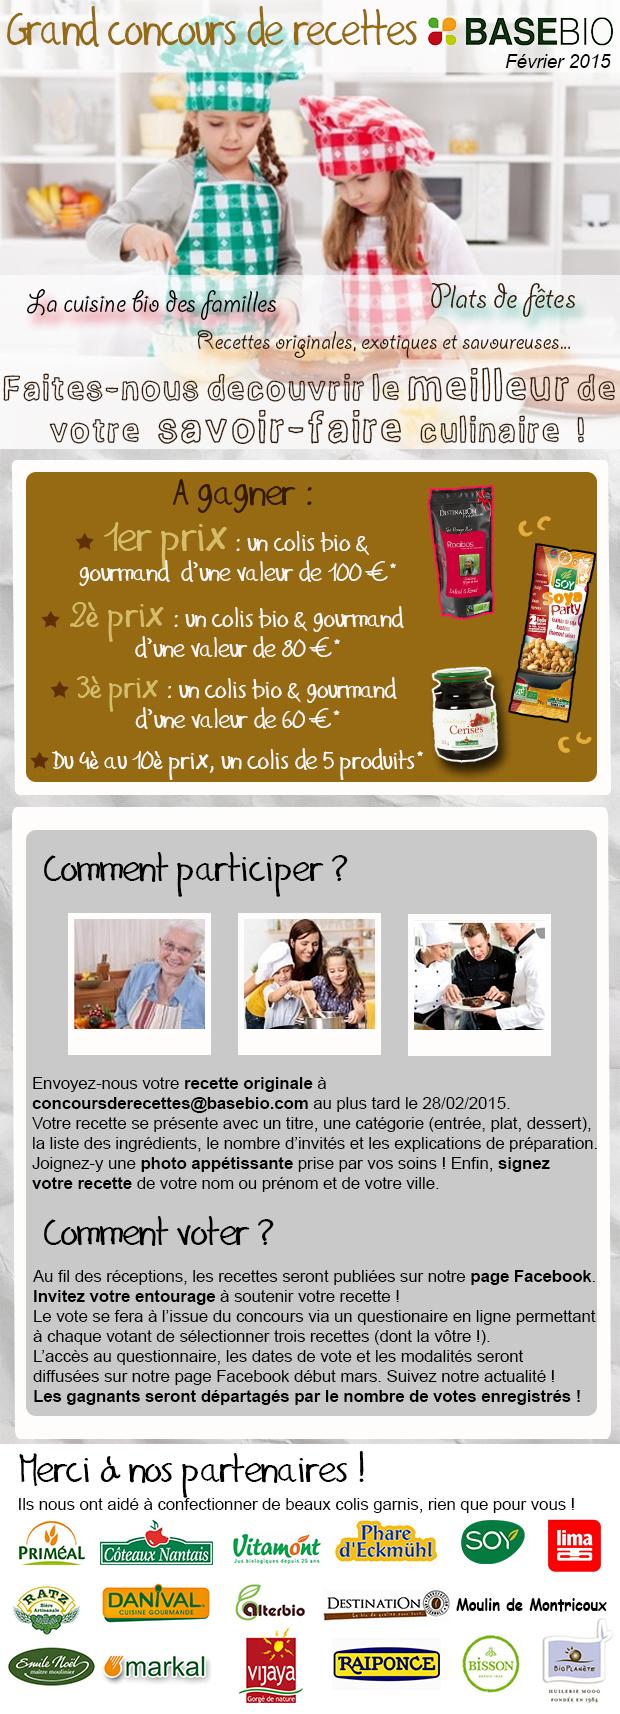 Concours Recettes Basebio février 2015